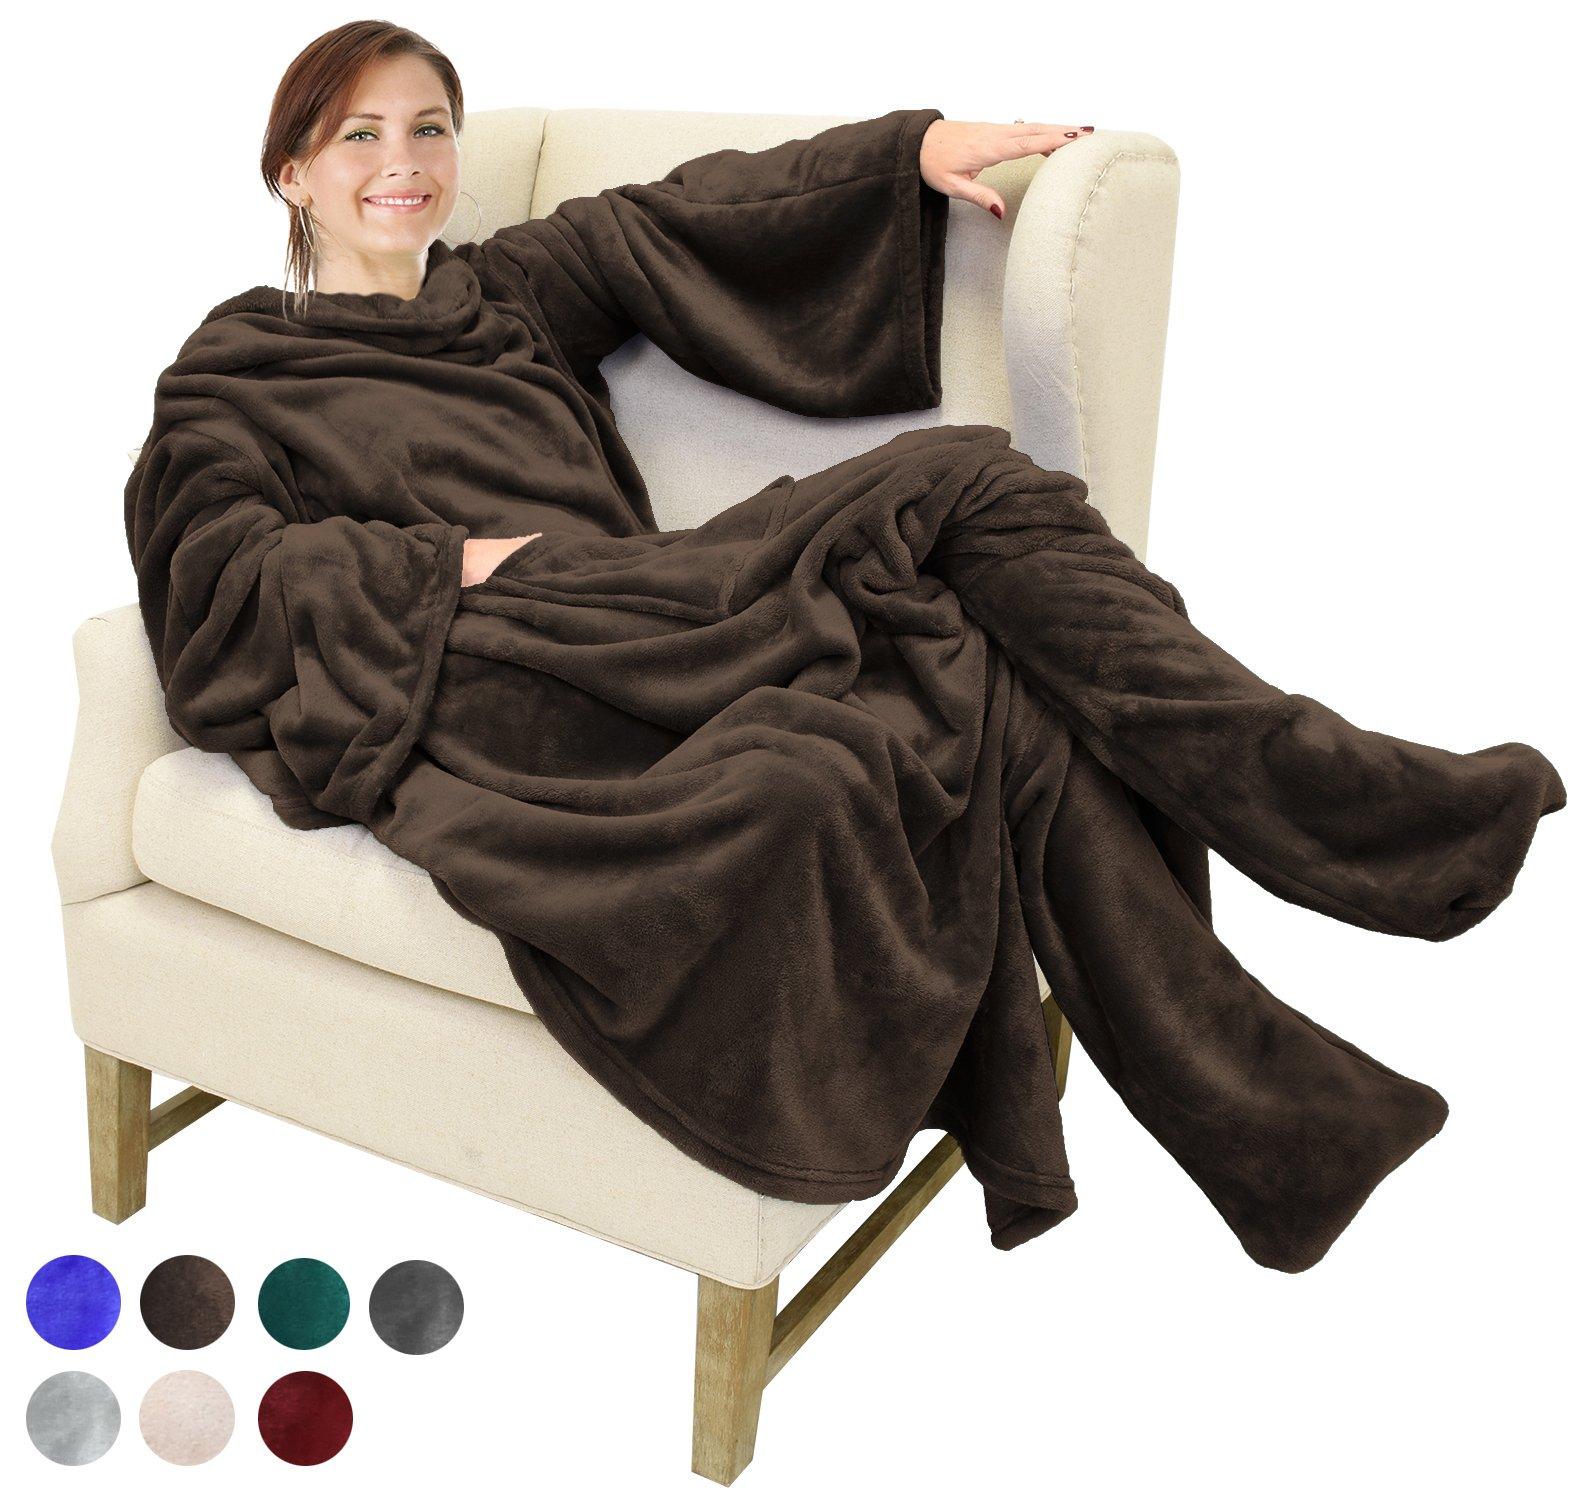 Catalonia Vlies-Decke mit Ärmel- und Fußtaschen, große Wickeldecke zum Überwerfen, für Damen und Herren, 75 x 53 Zoll, Latte